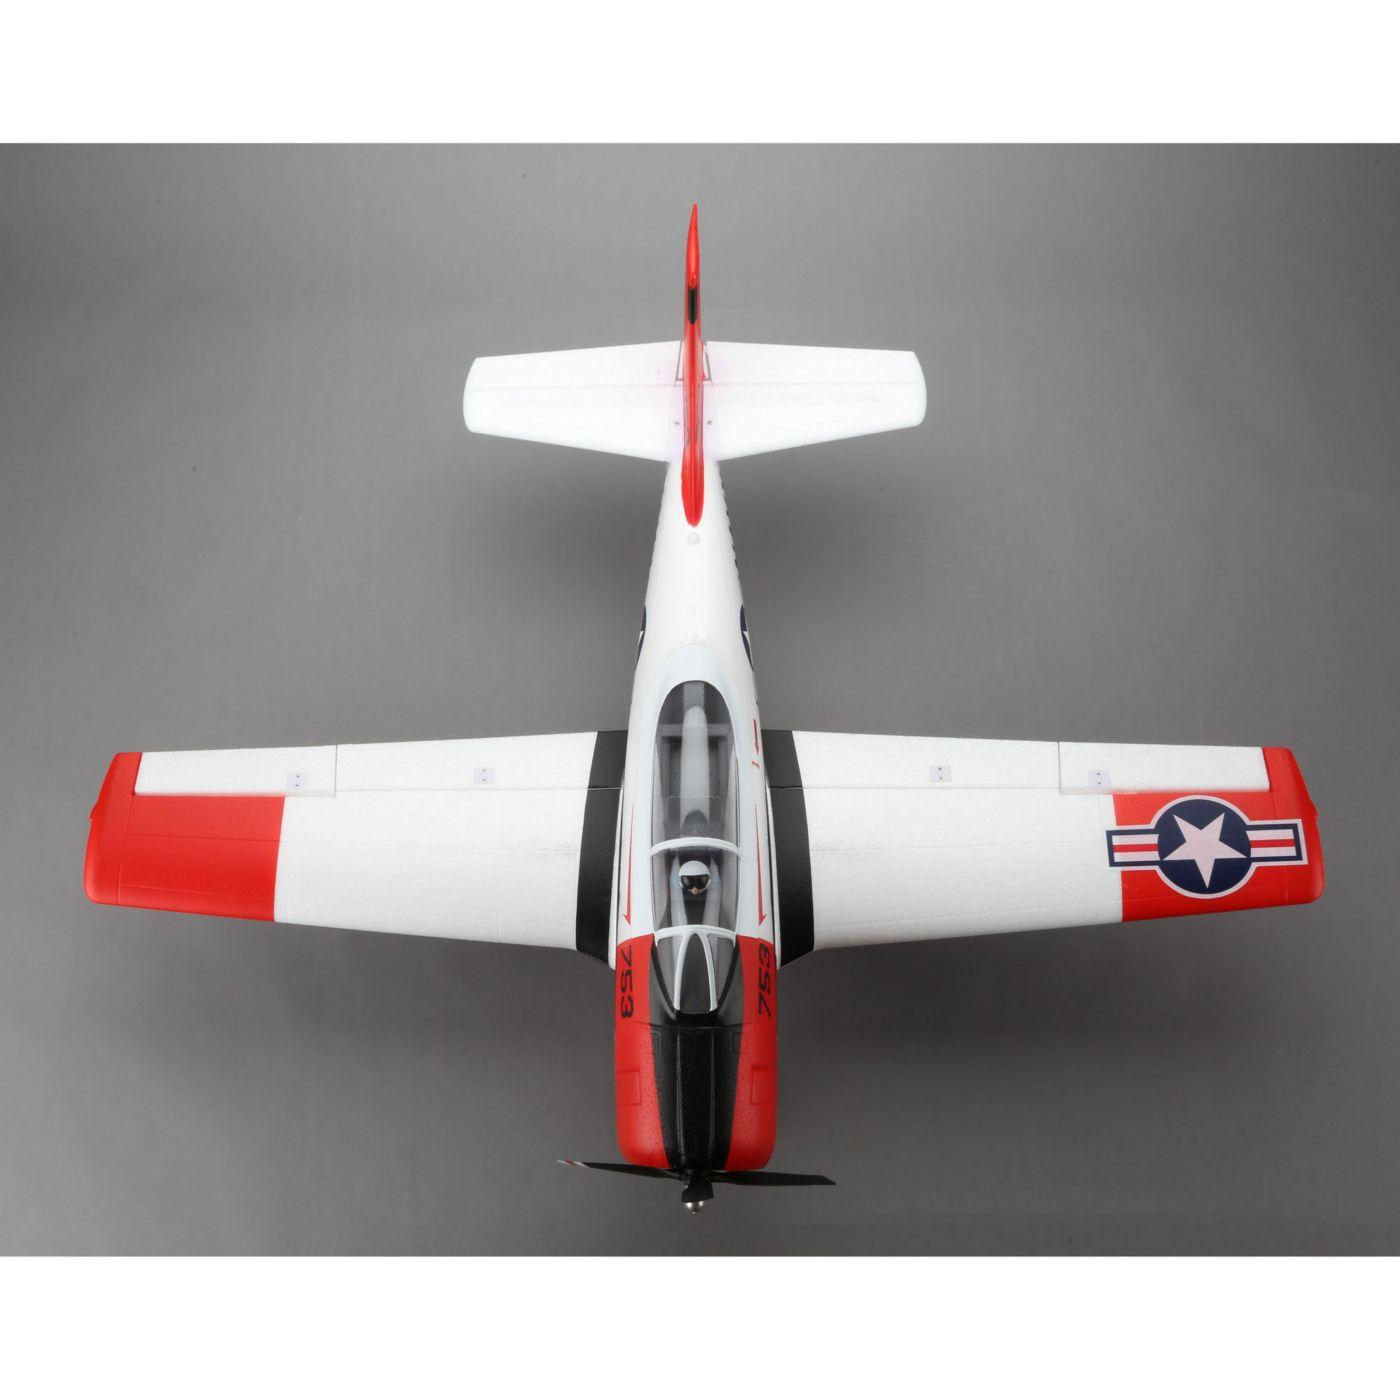 E-flite Propeller 3 Blade 12 x 7 EFLP120703B